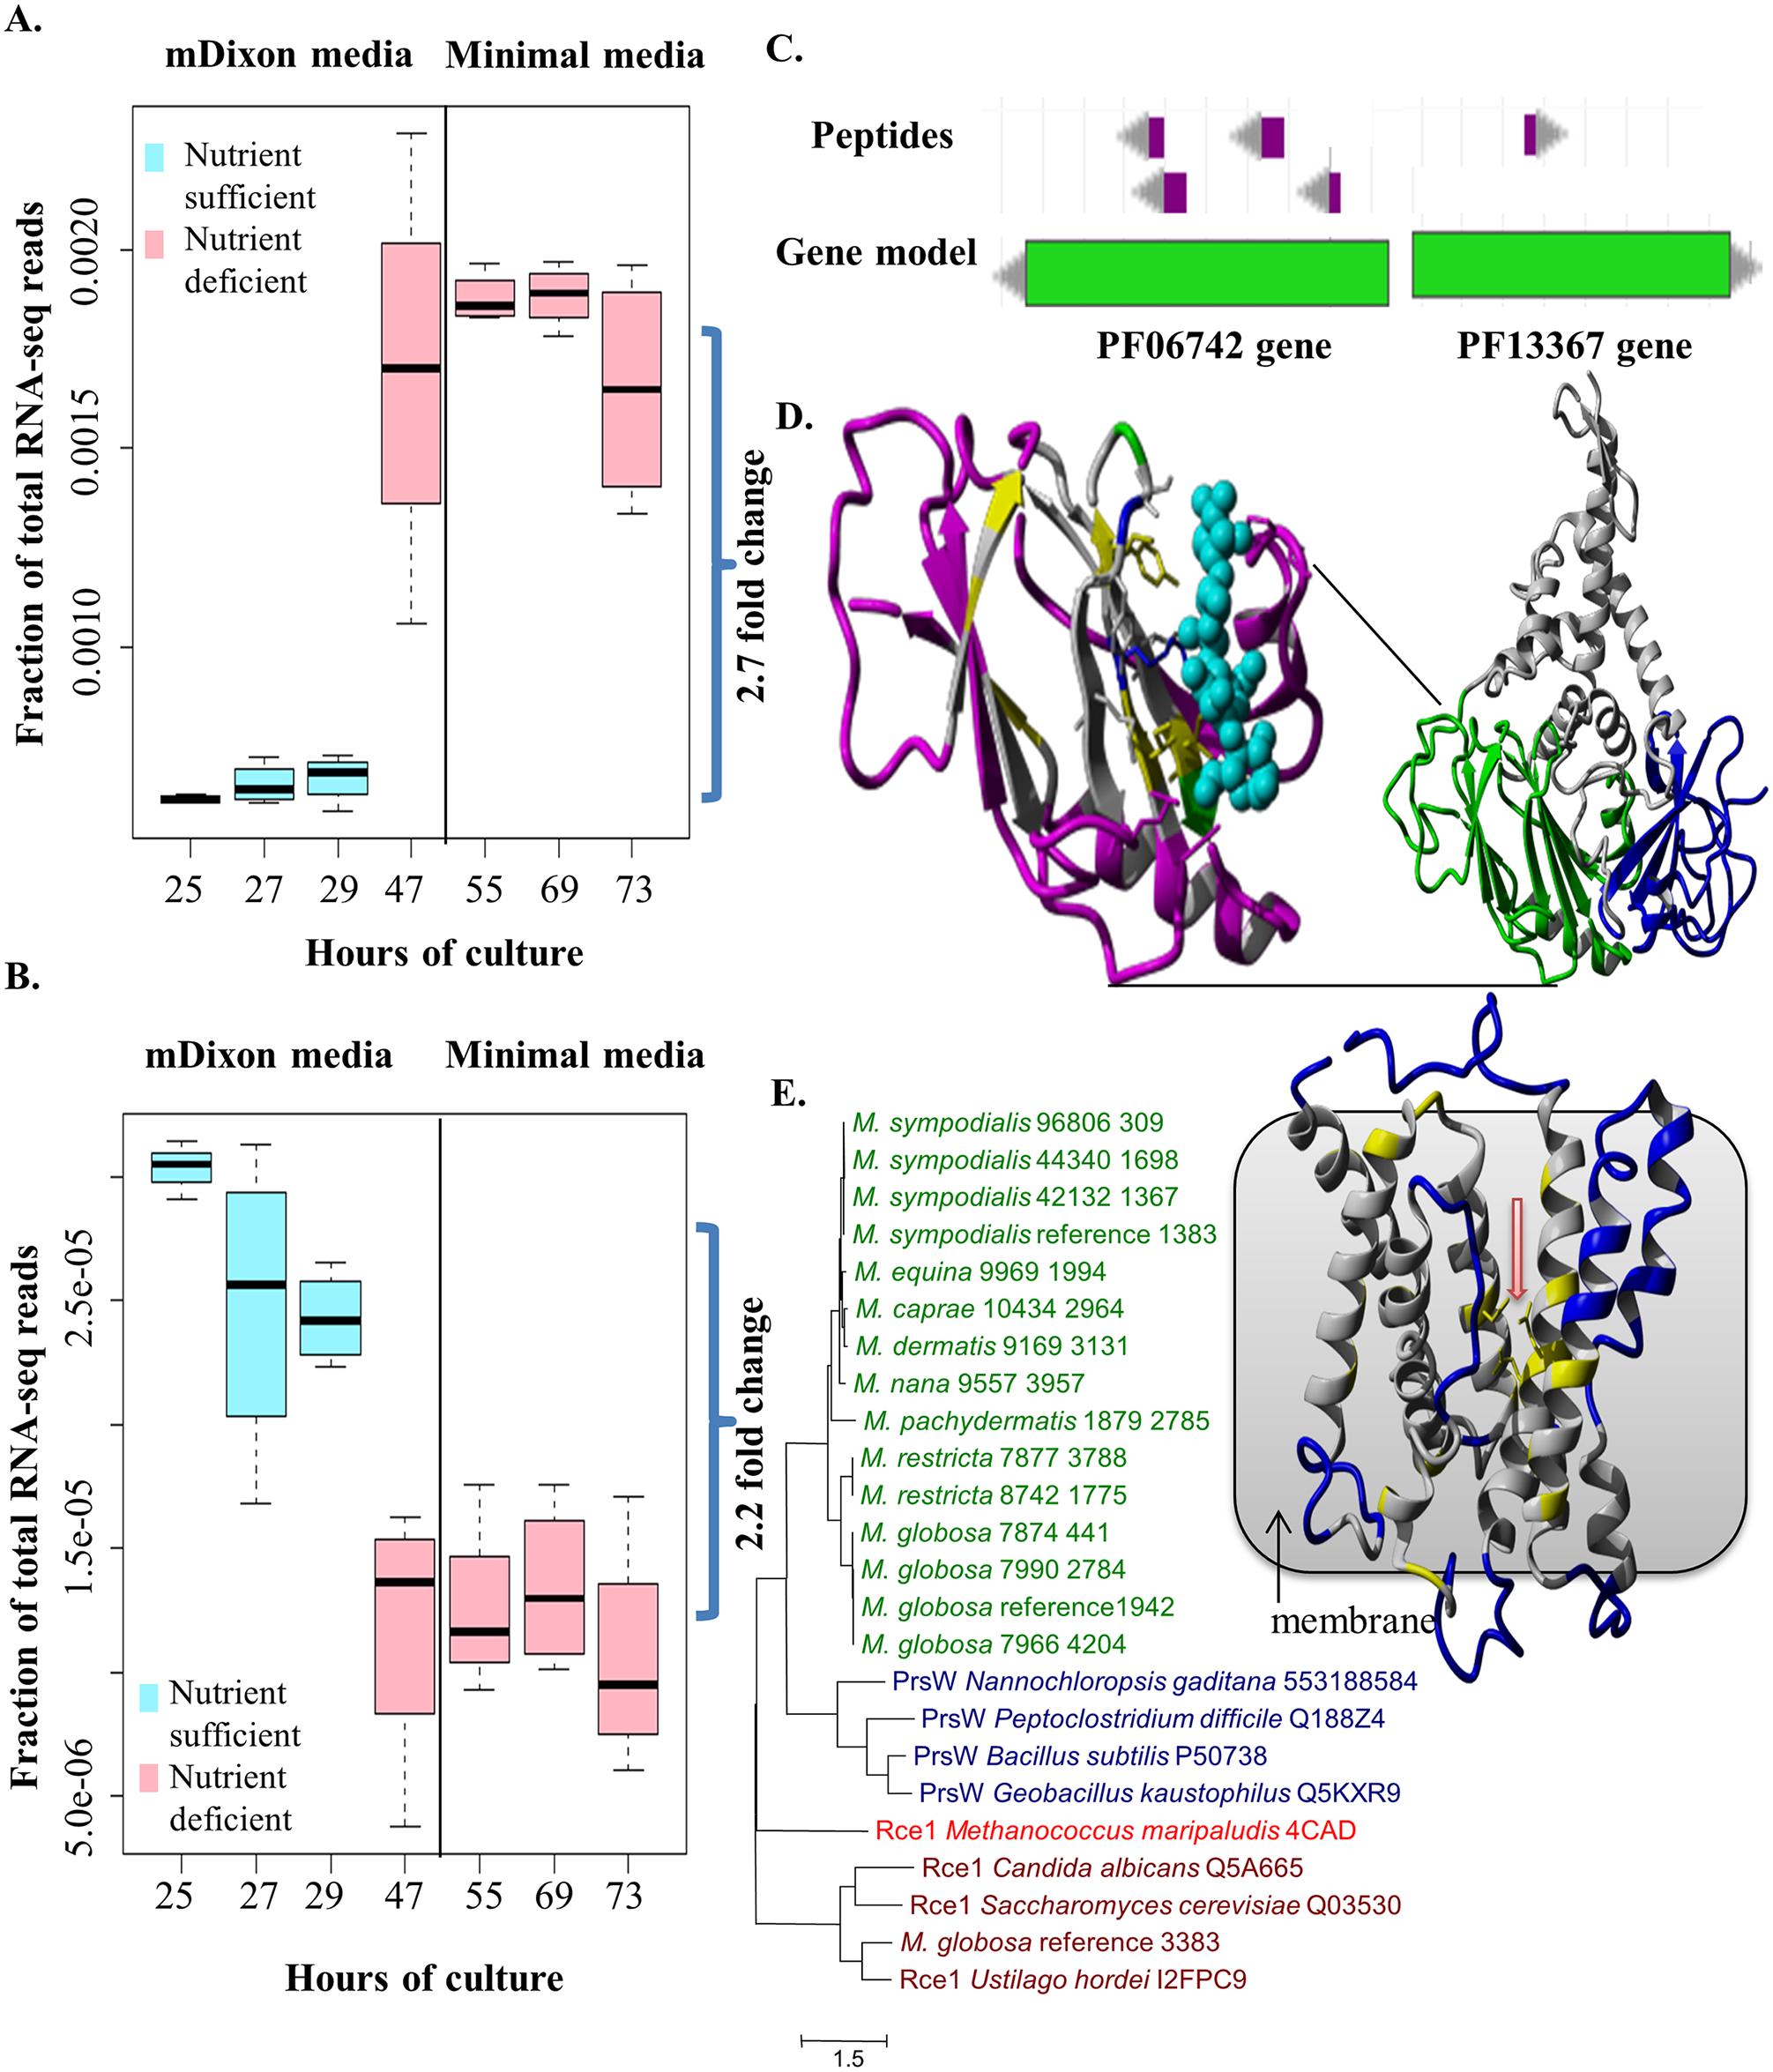 Functional characterization of novel, putative horizontally transferred genes in <i>Malassezia</i>.